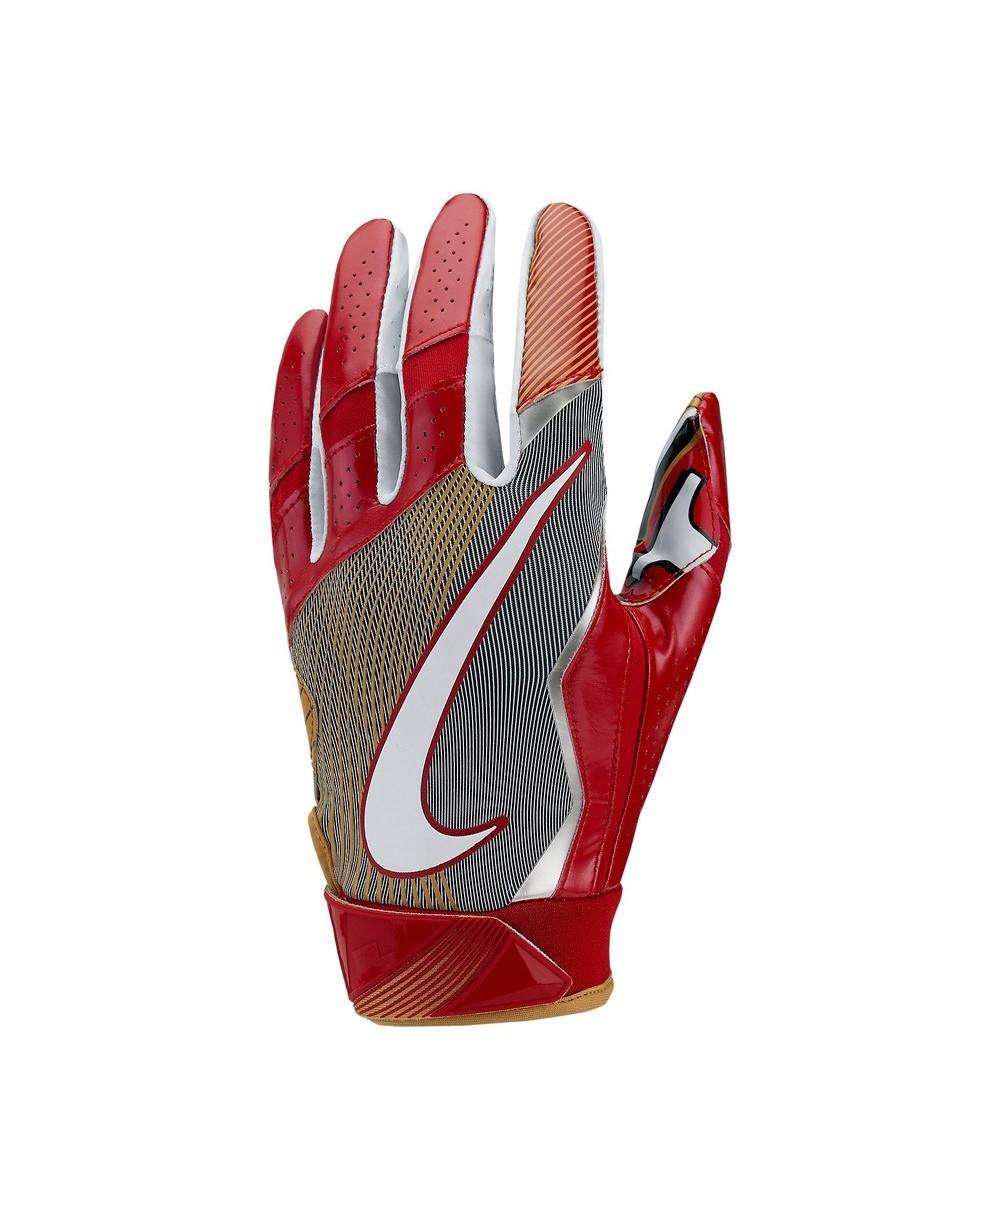 factory outlet no sale tax super cute Vapor Jet 4 On-Field Herren American Football Handschuhe NFL 49ers